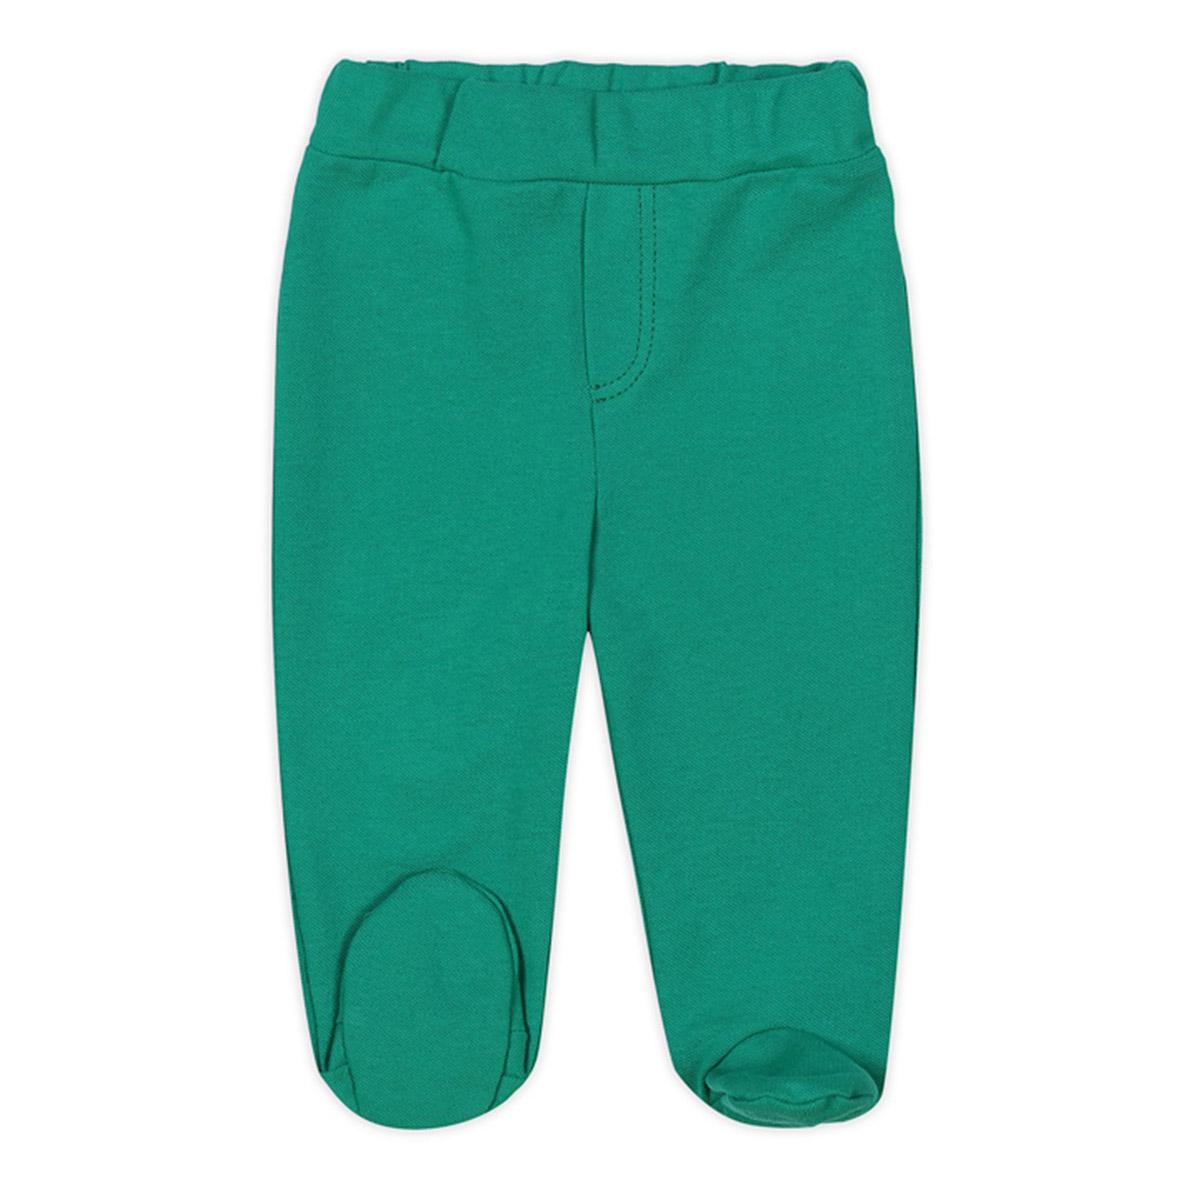 Ползунки с ножками Ёмаё Гольф (26-701) рост 68 изумрудный<br>